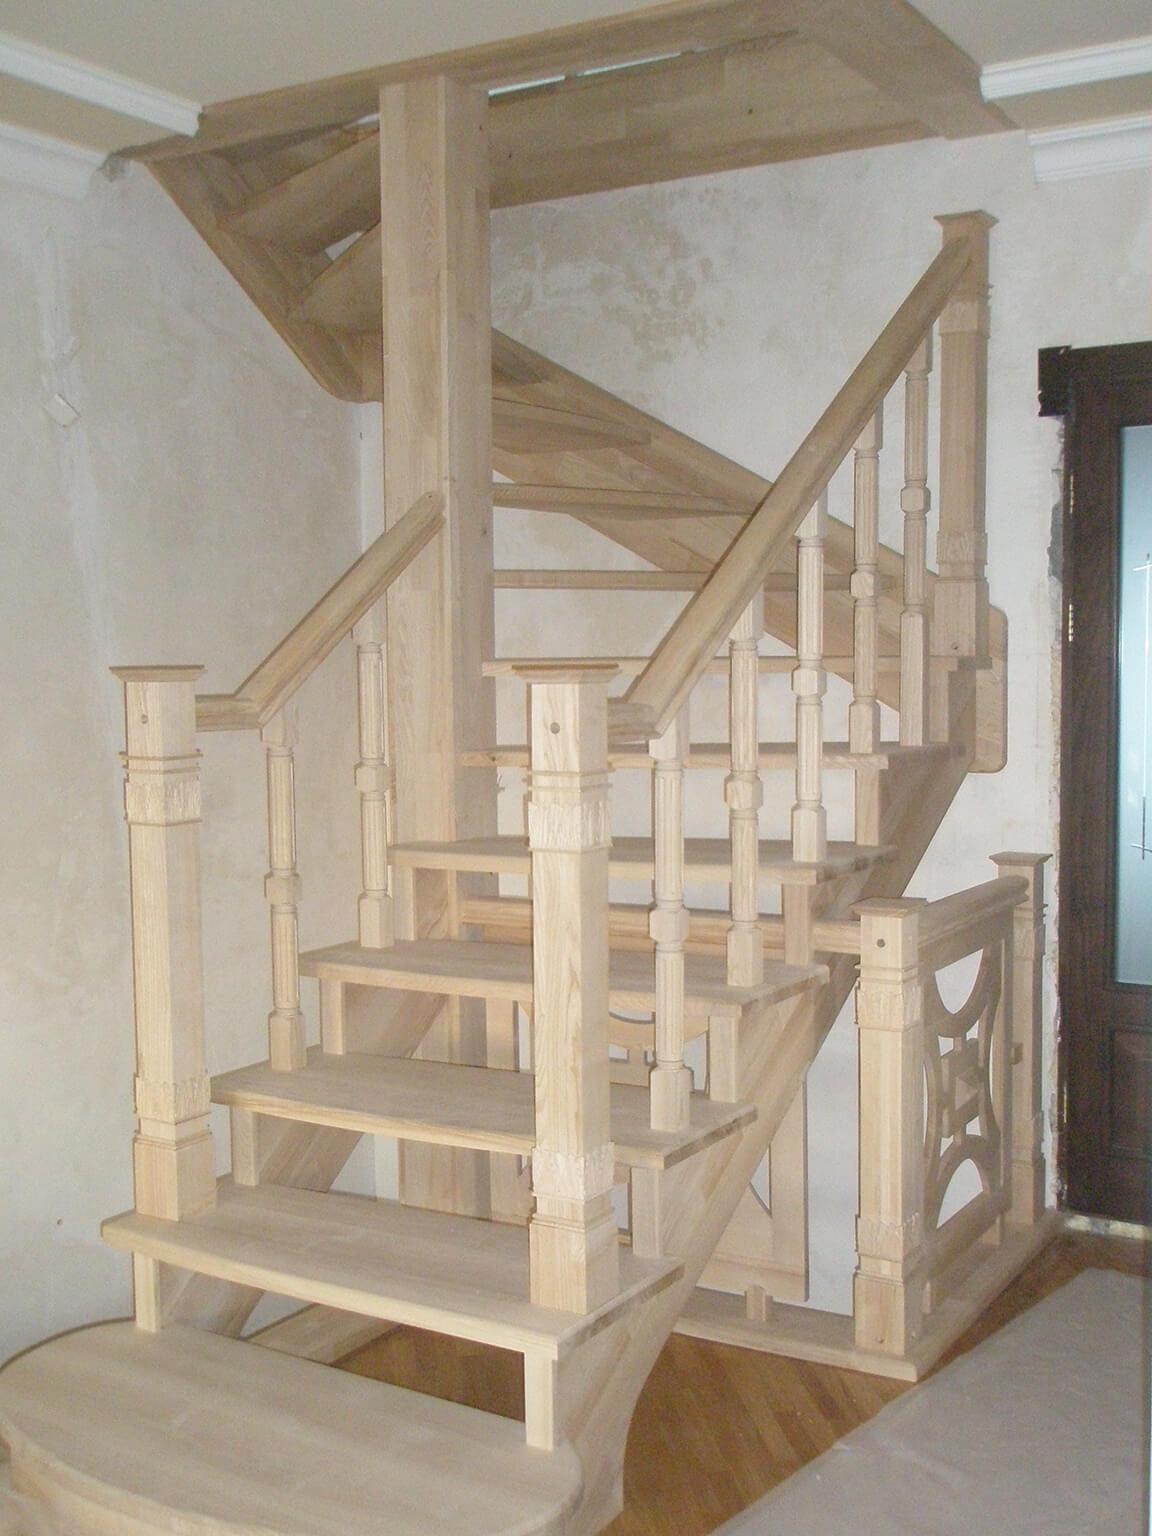 Деревянные лестницы на заказ в Краснодаре - 17 фото